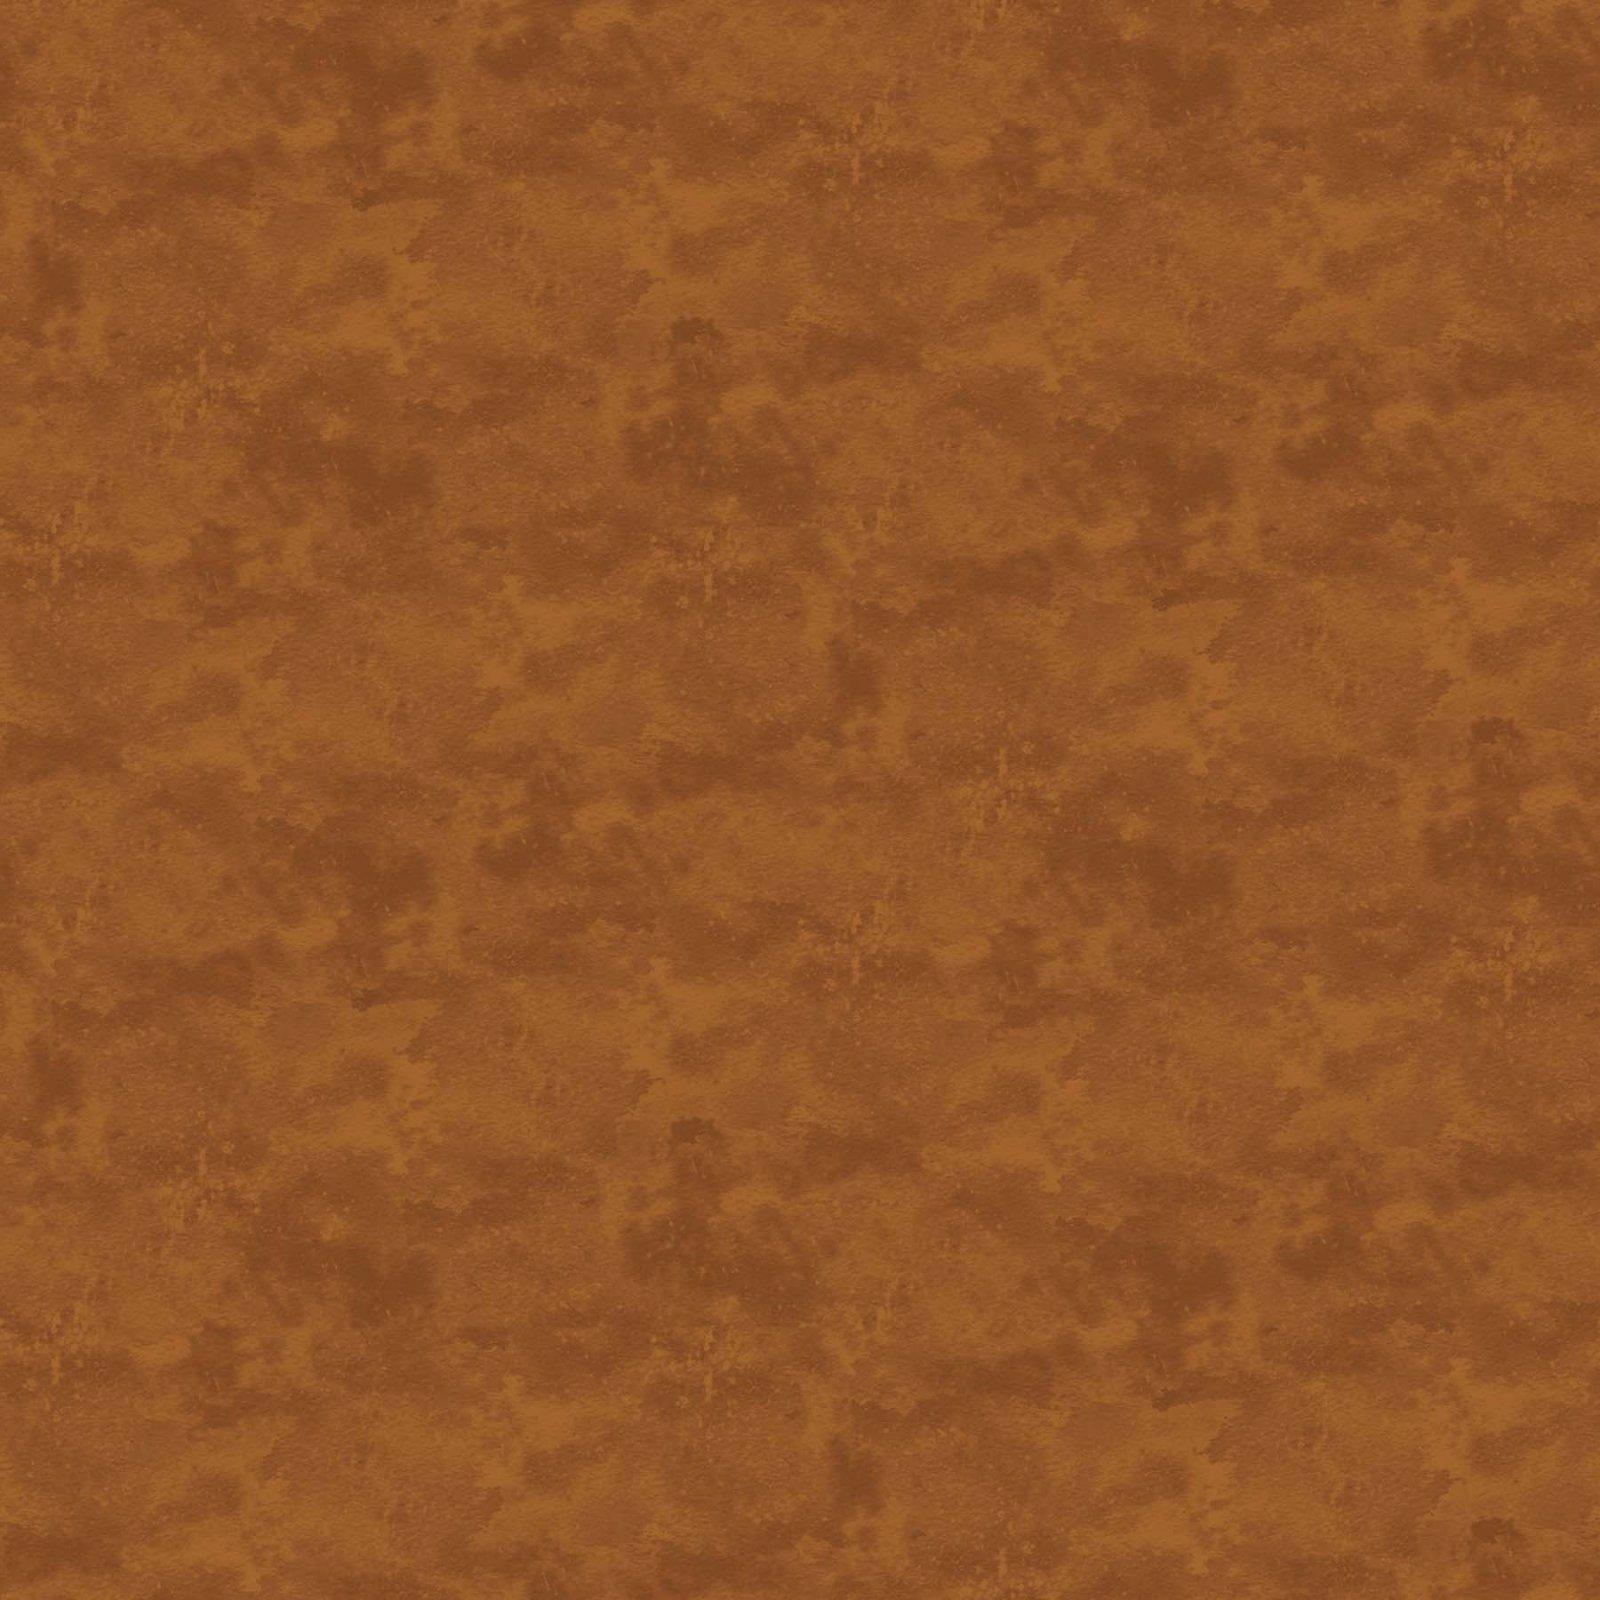 Toscana-Cinnamon